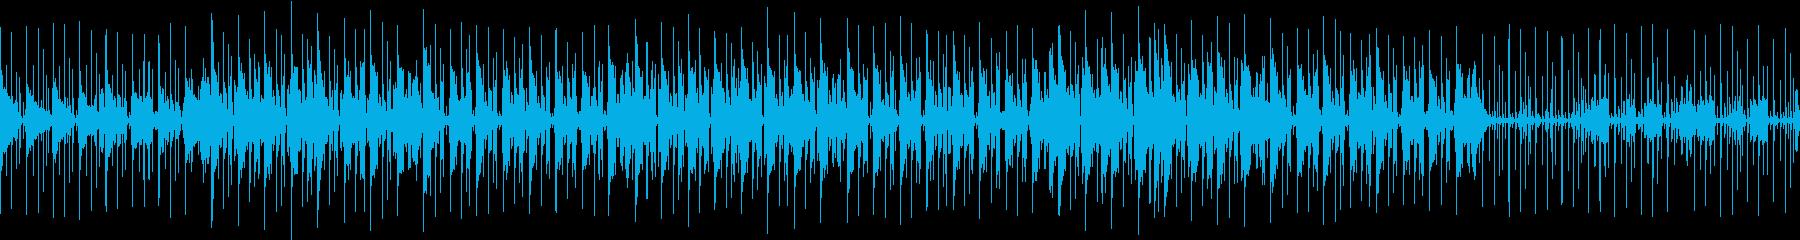 スロウジャズ:お酒のシーンに合う曲_3の再生済みの波形